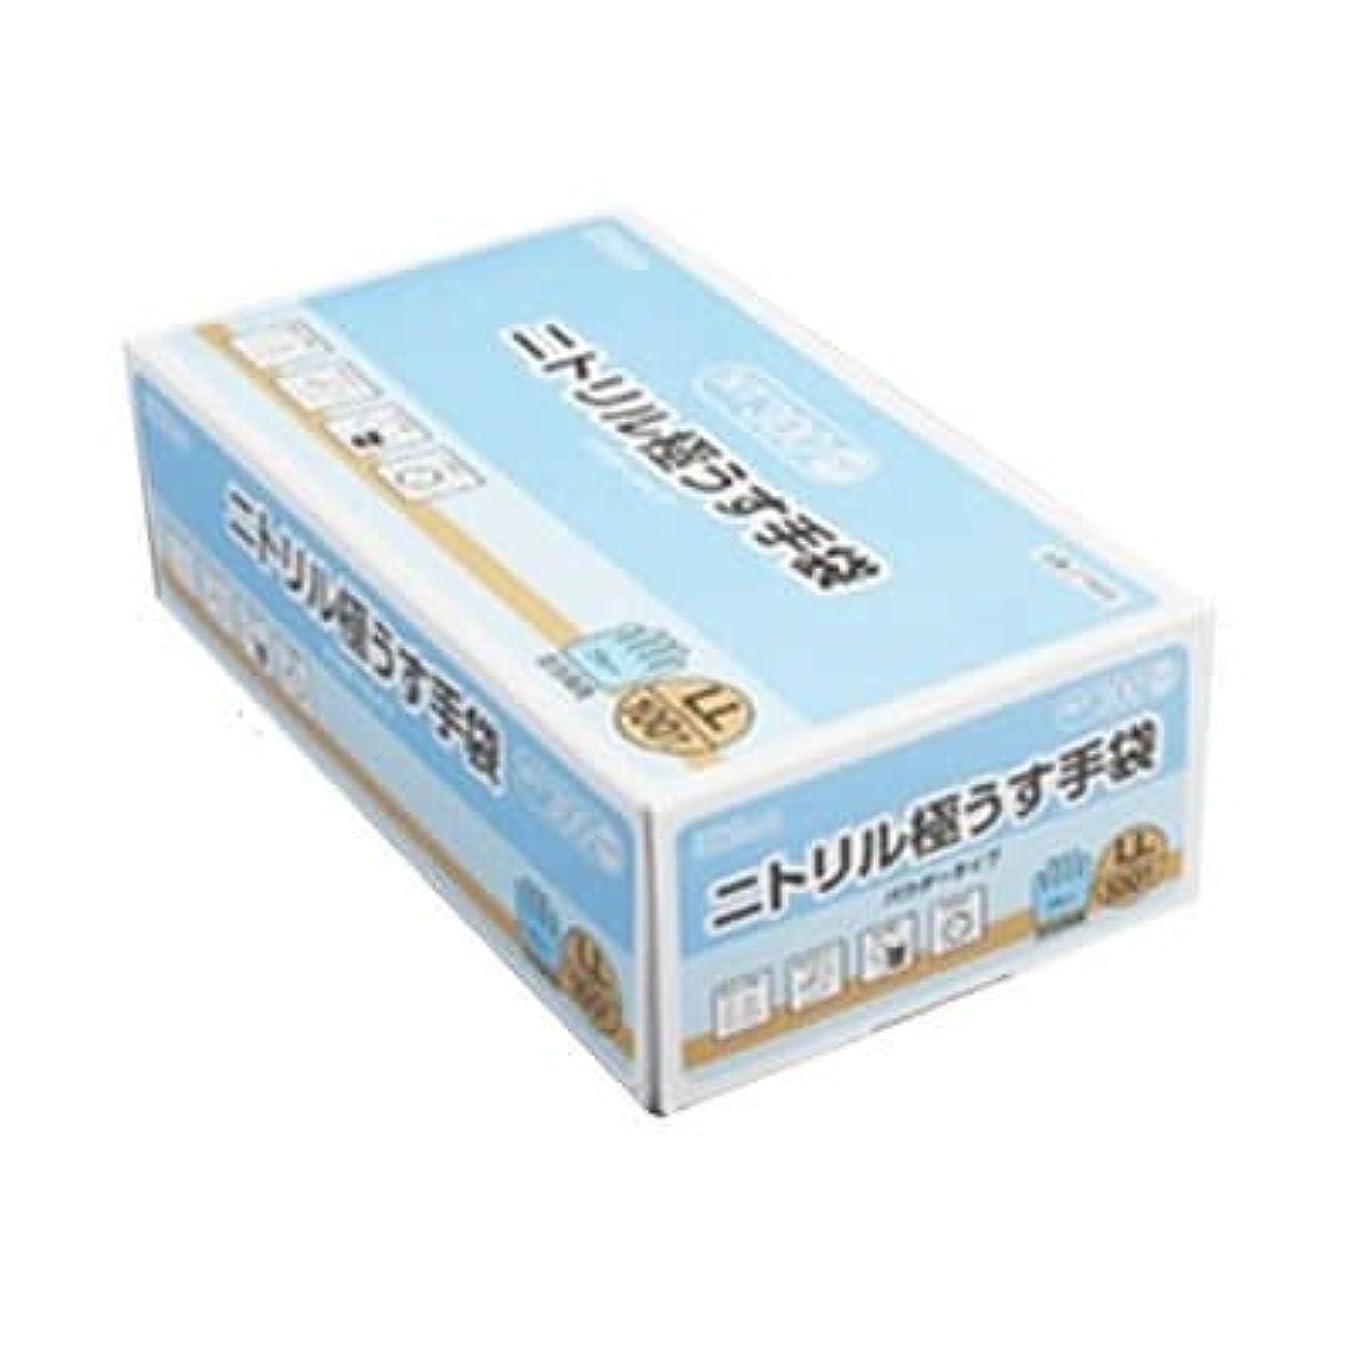 後継広くアトラス【ケース販売】 ダンロップ ニトリル極うす手袋 粉付 LL ブルー NT-300 (100枚入×20箱)